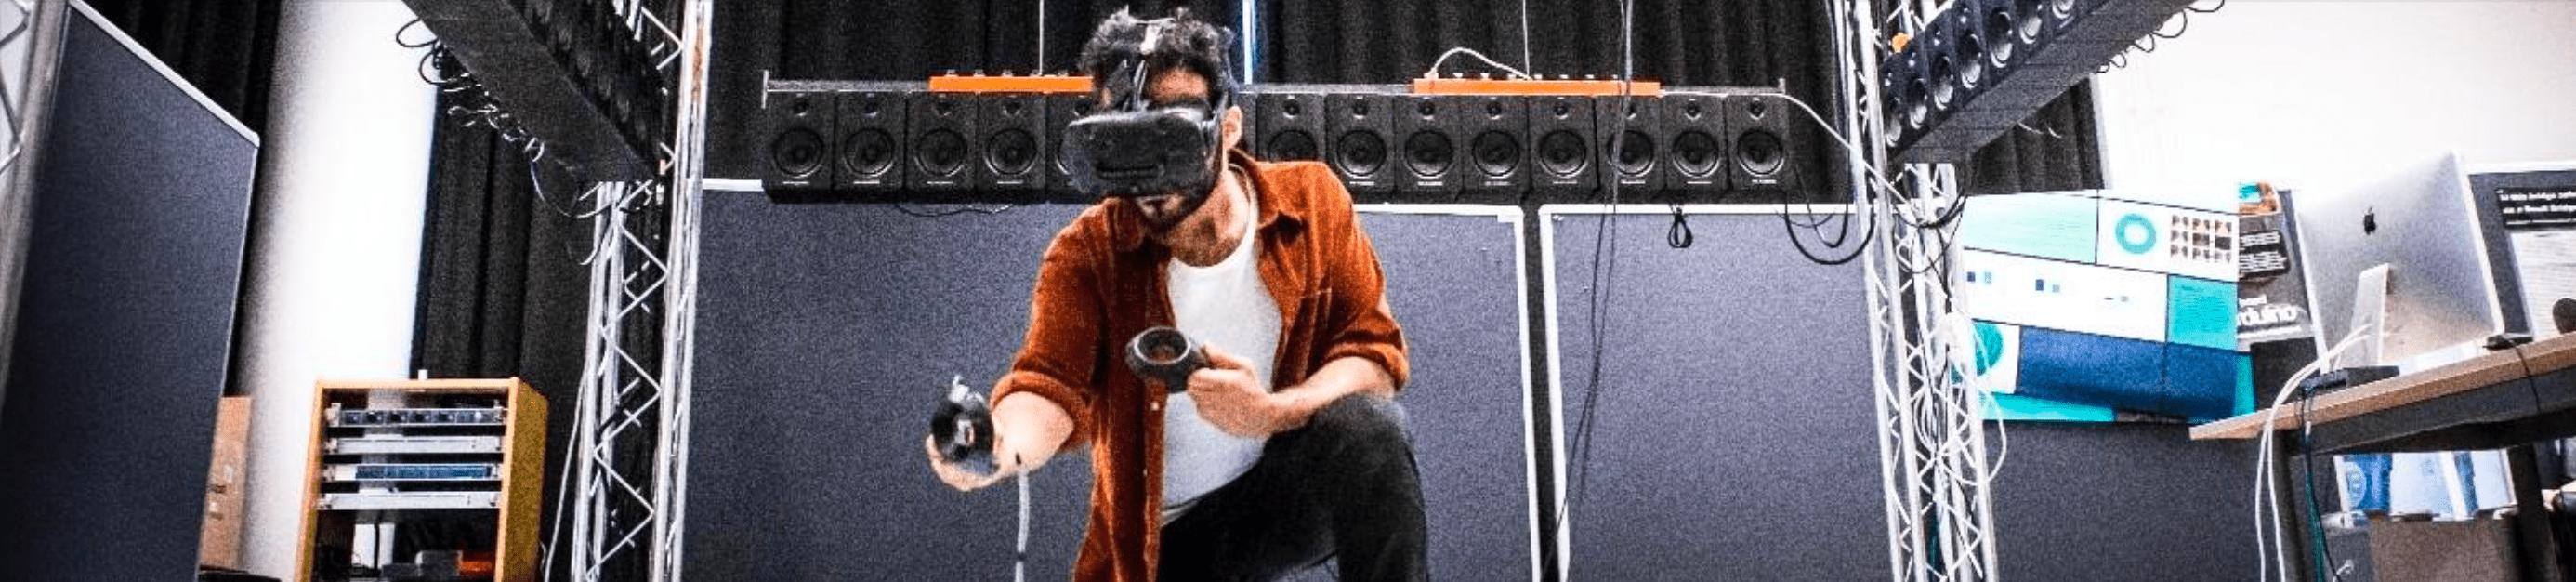 Autisme og virtual reality børn unge mennesker